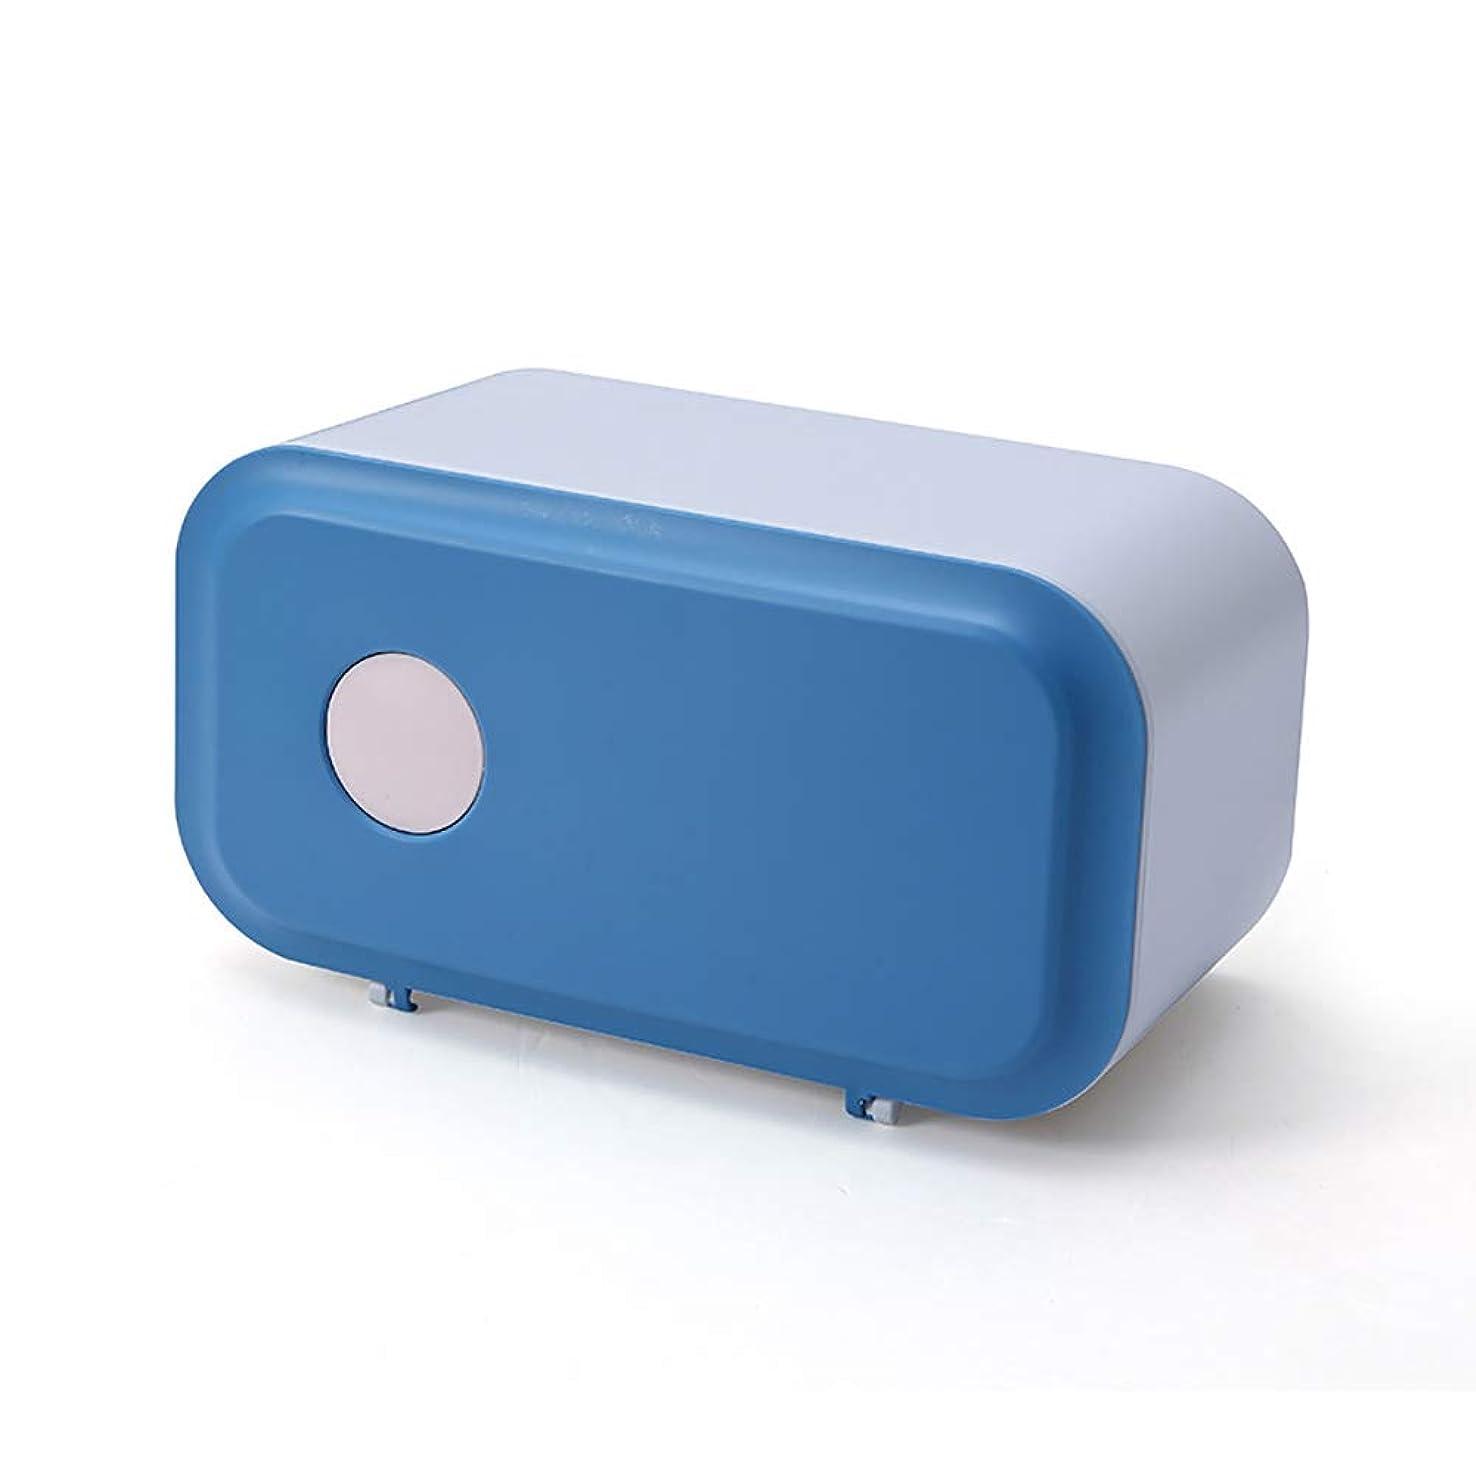 プレゼンター蛾扇動する1本 ティッシュボックス ブルー ホーム に適し 軽量 安定 大容量 多機能 デコレーション 卓上 収納 便利